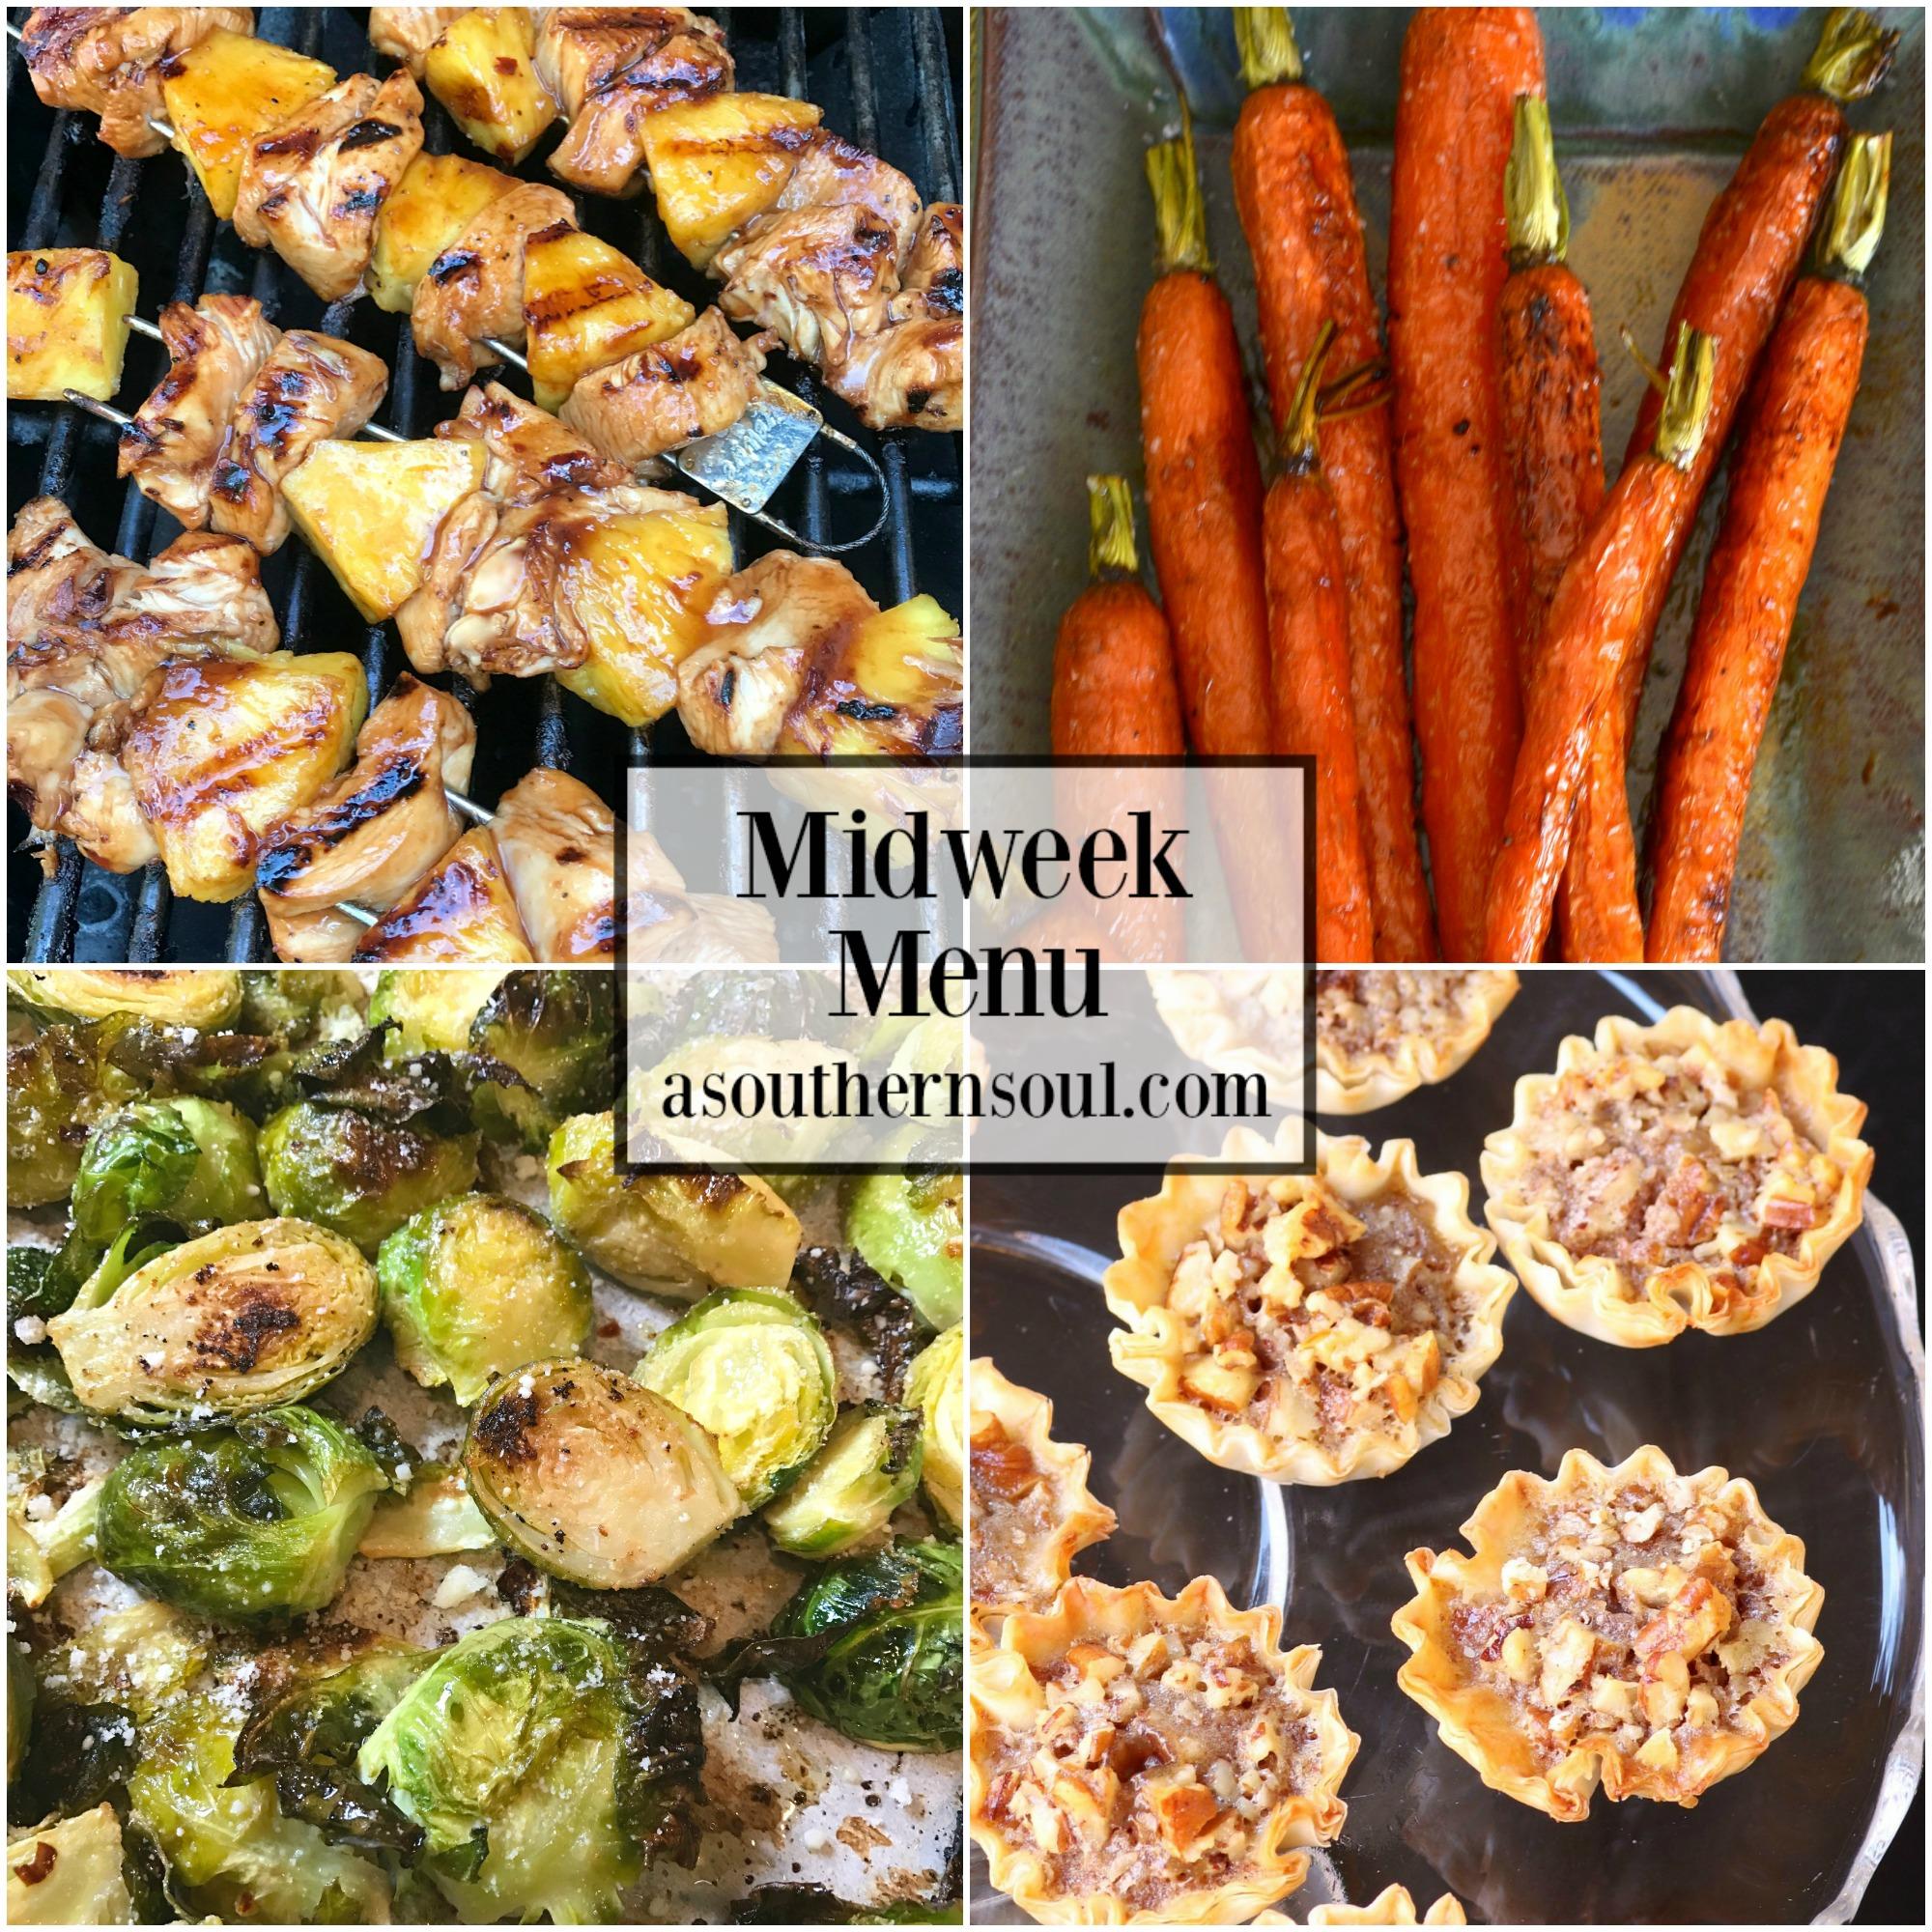 Midweek Menu #52 - Grilled Chicken Pineapple Skewers